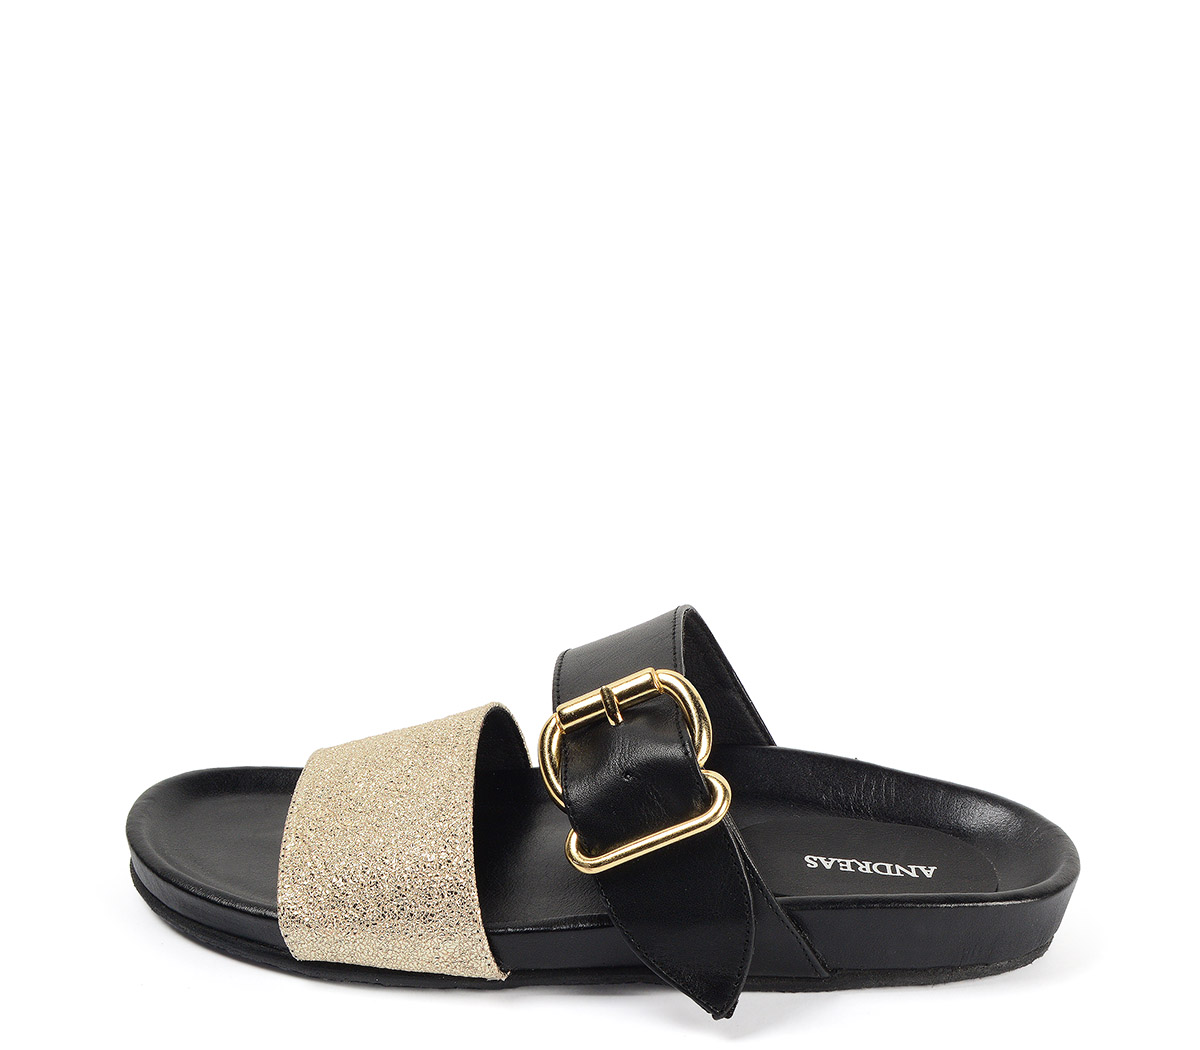 Ref: 3807 Sandalia plana de piel negra con doble tira en el empeine de color negro y oro, hebilla dorada y plantilla anatómica